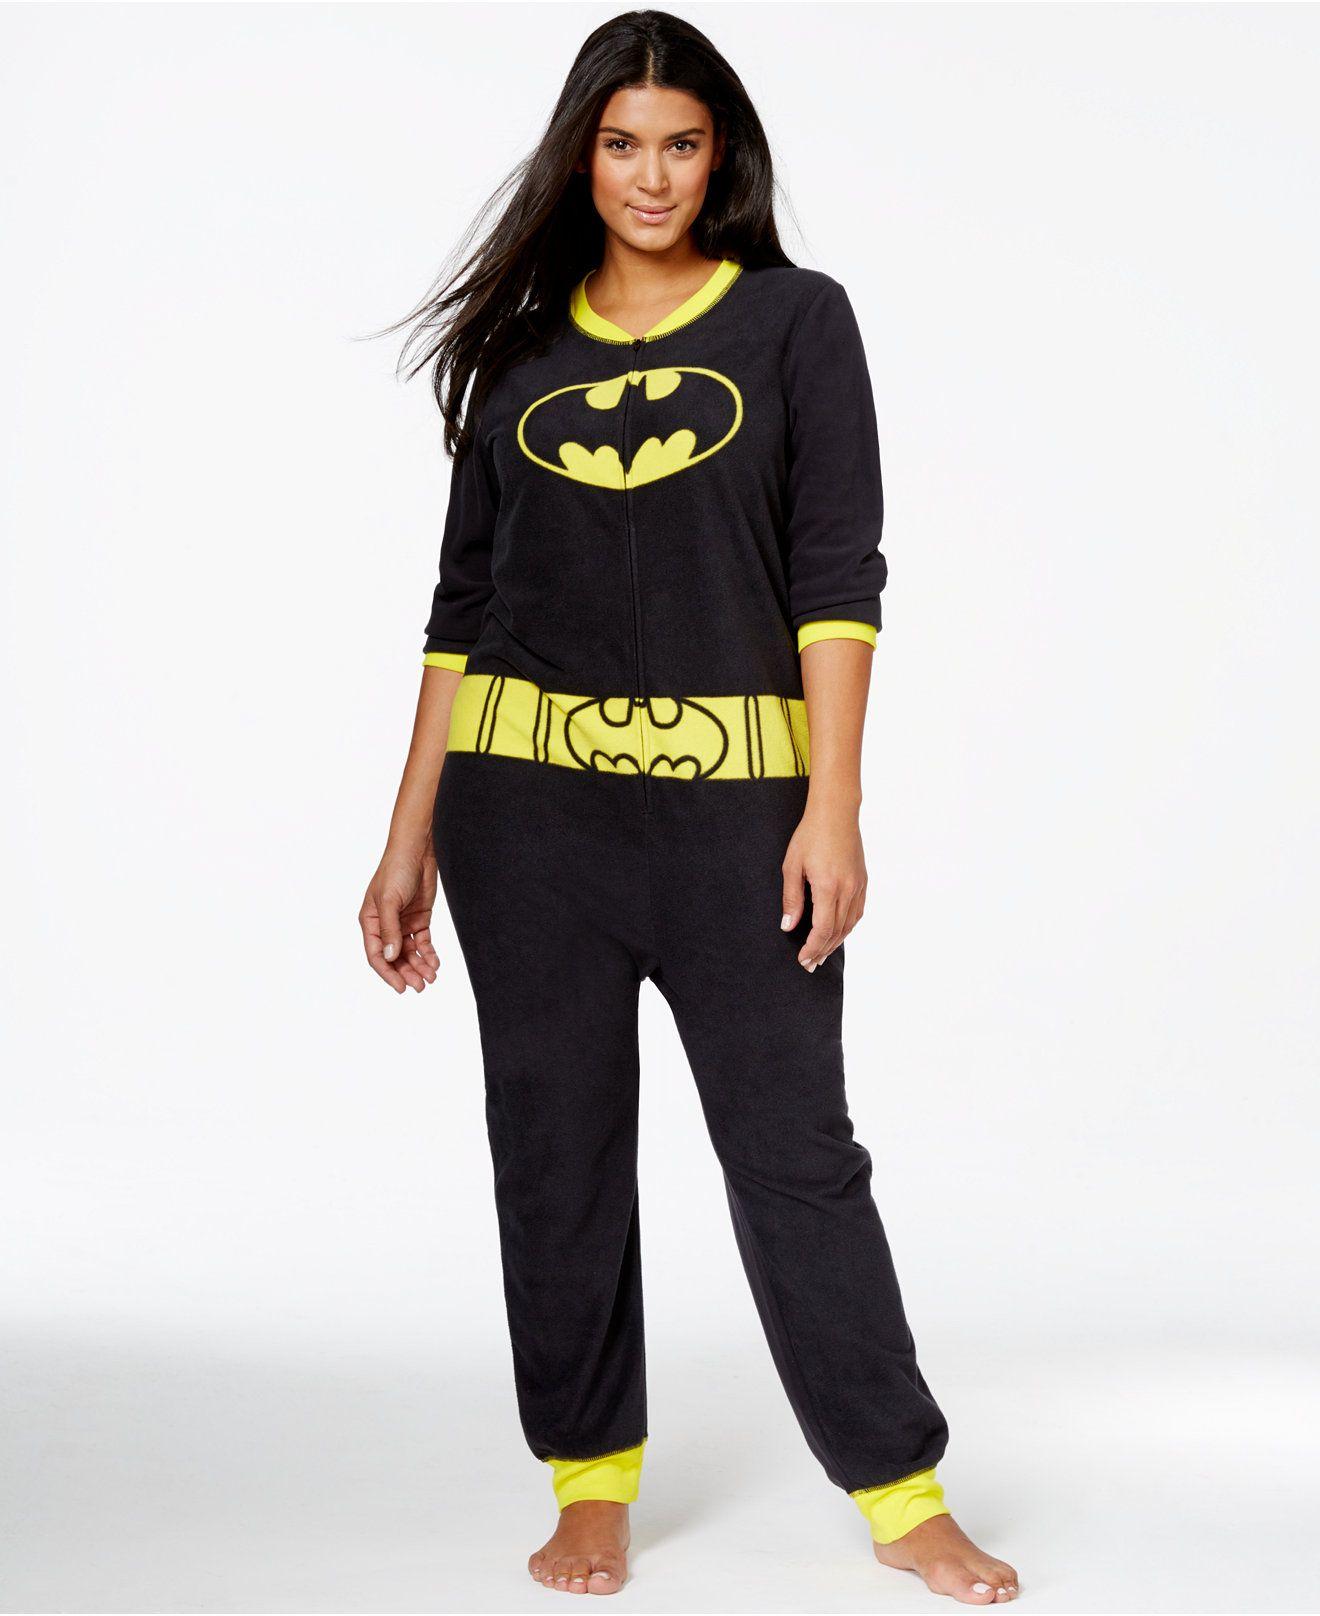 Batgirl Plus Size Adult Onesie - Pajamas   Robes - Plus Sizes - Macy s 6d96a4e7e3